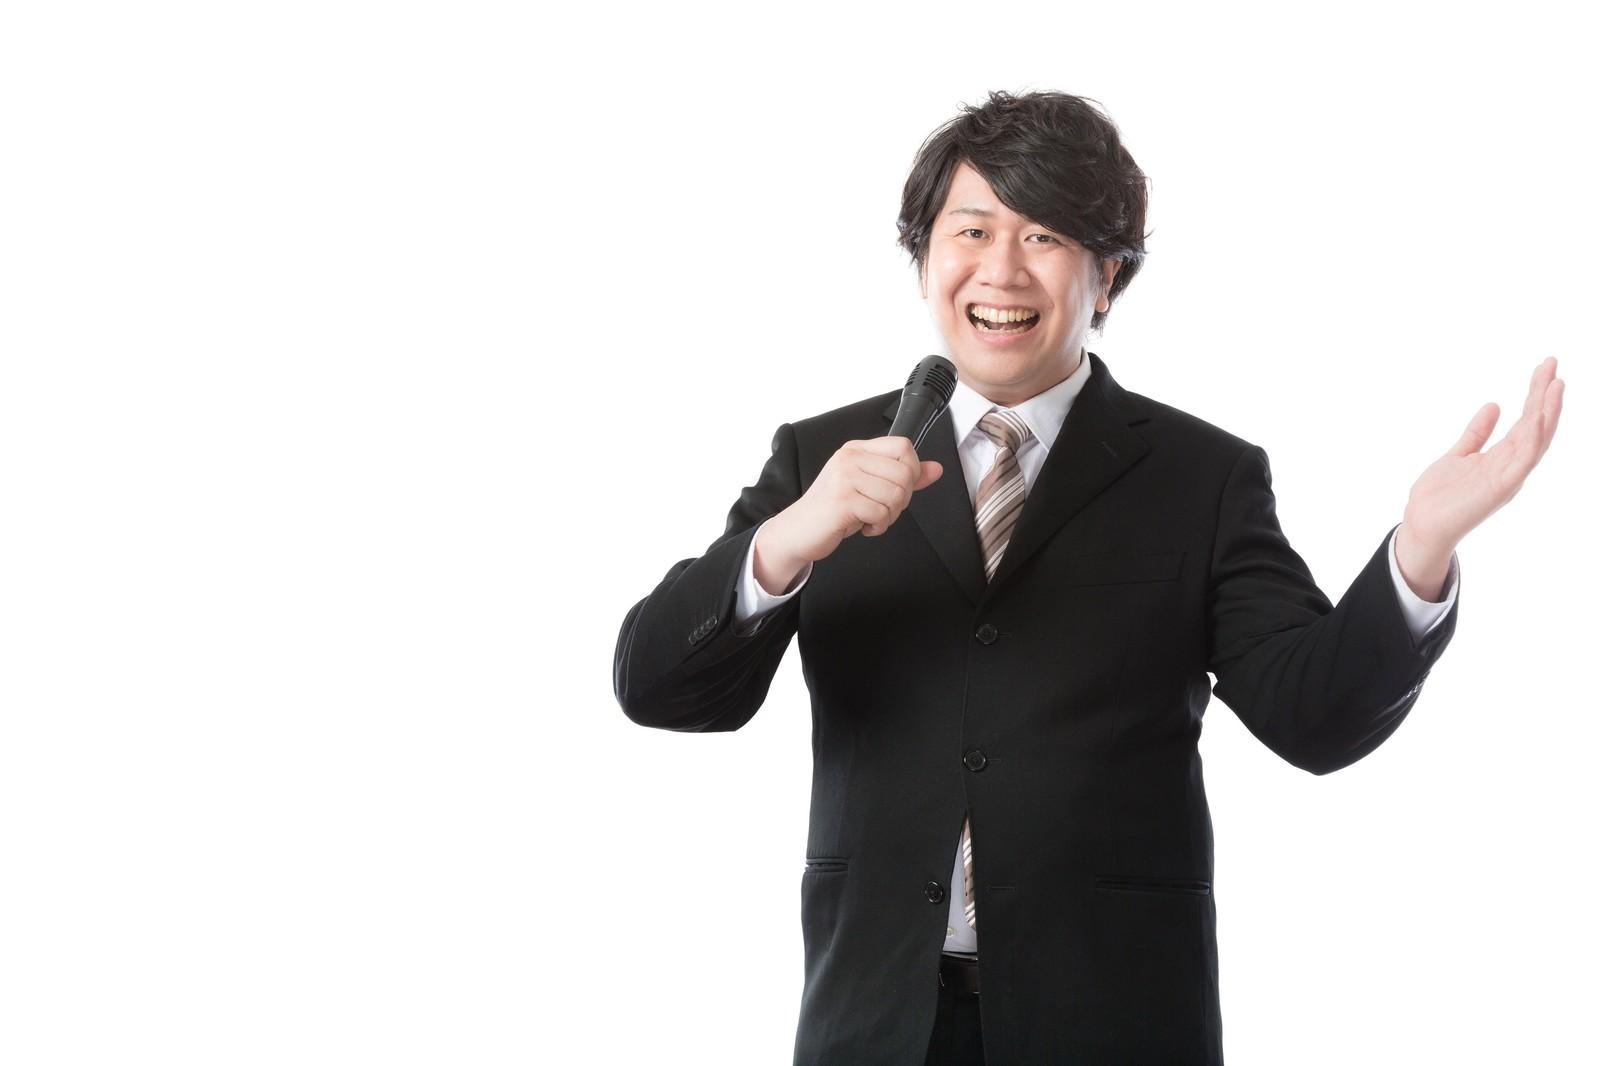 デキる上司の画像